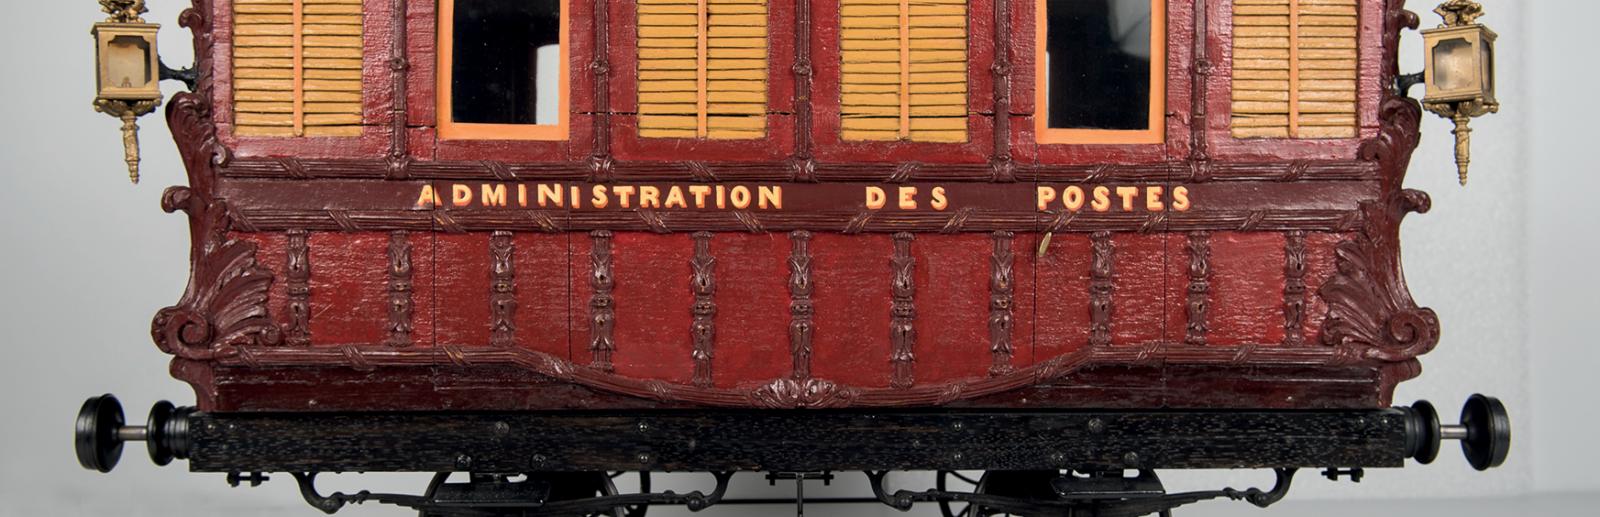 Modèle réduit du wagon-poste Paris-Rouen 1845 - Prévot, maquettiste décorateur